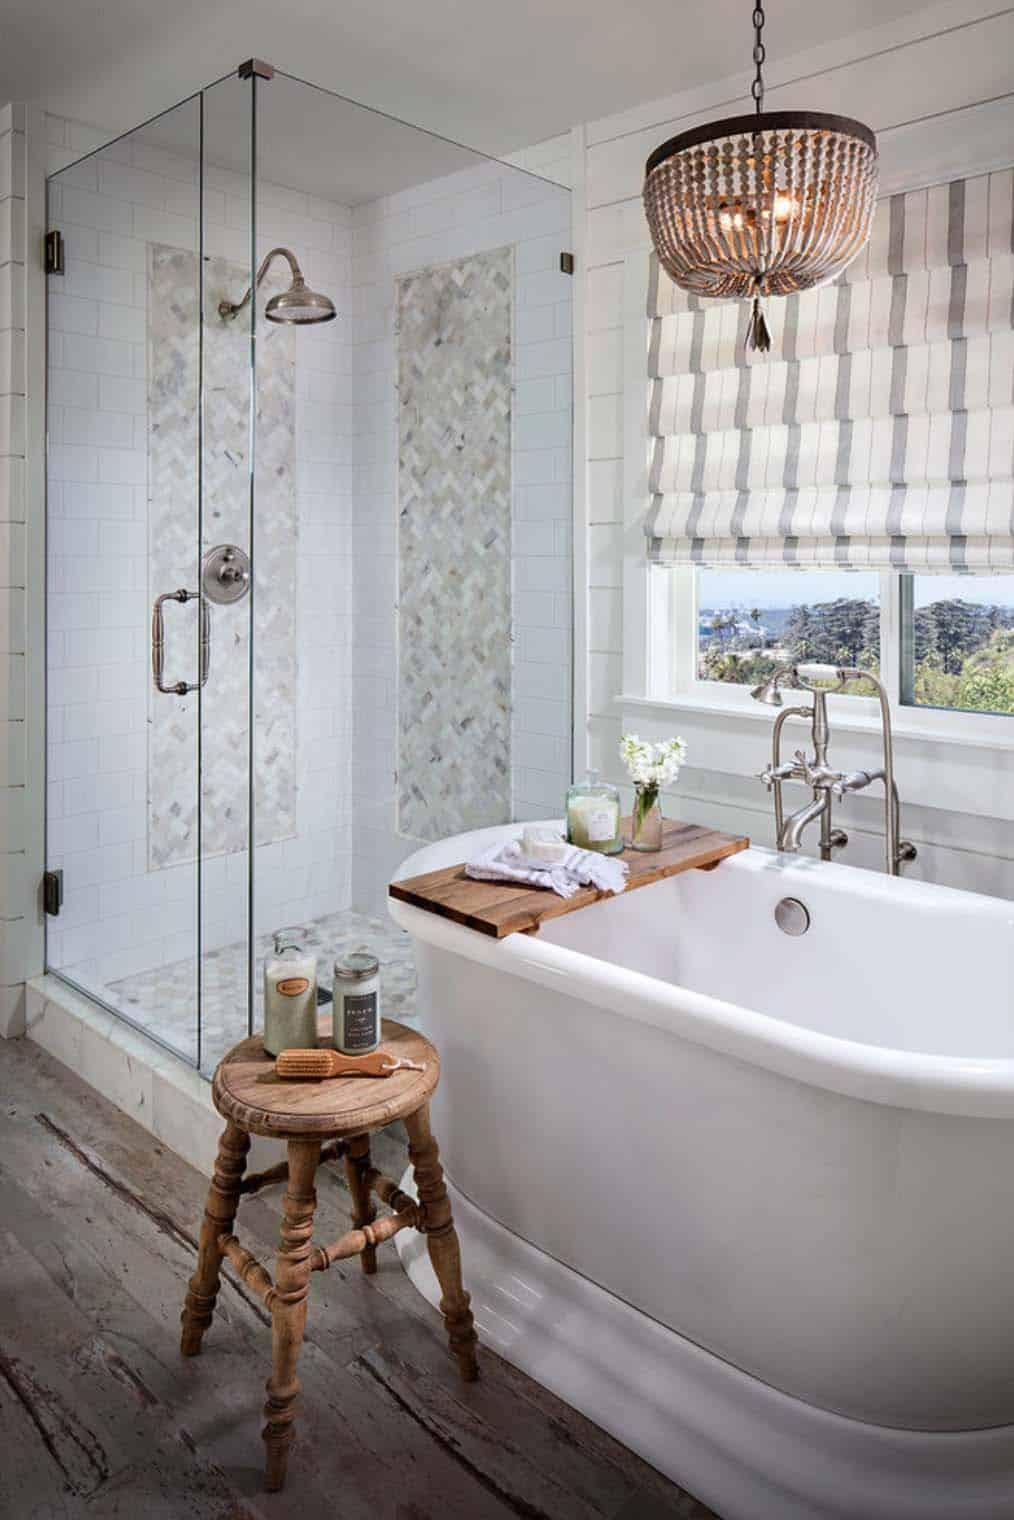 21 Gorgeous farmhouse style bathrooms you will love on Farmhouse Bathroom  id=35421